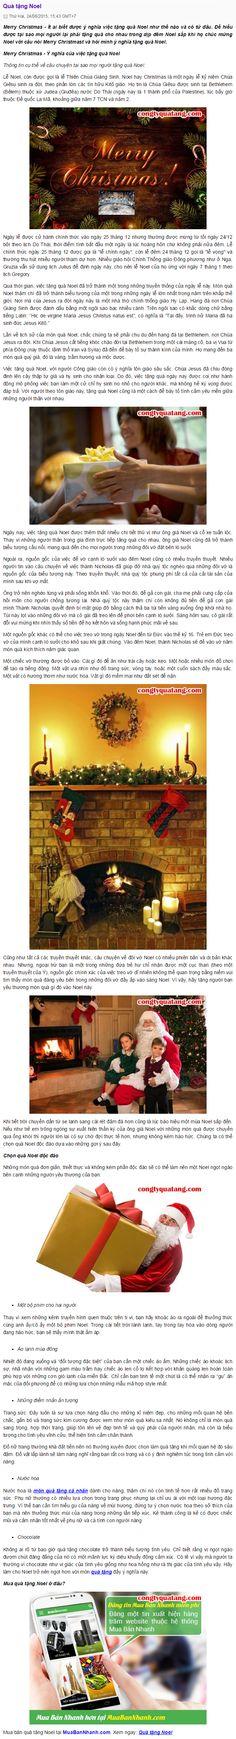 Quà tặng Noel https://muabannhanh.com/tag/qua-tang-noel